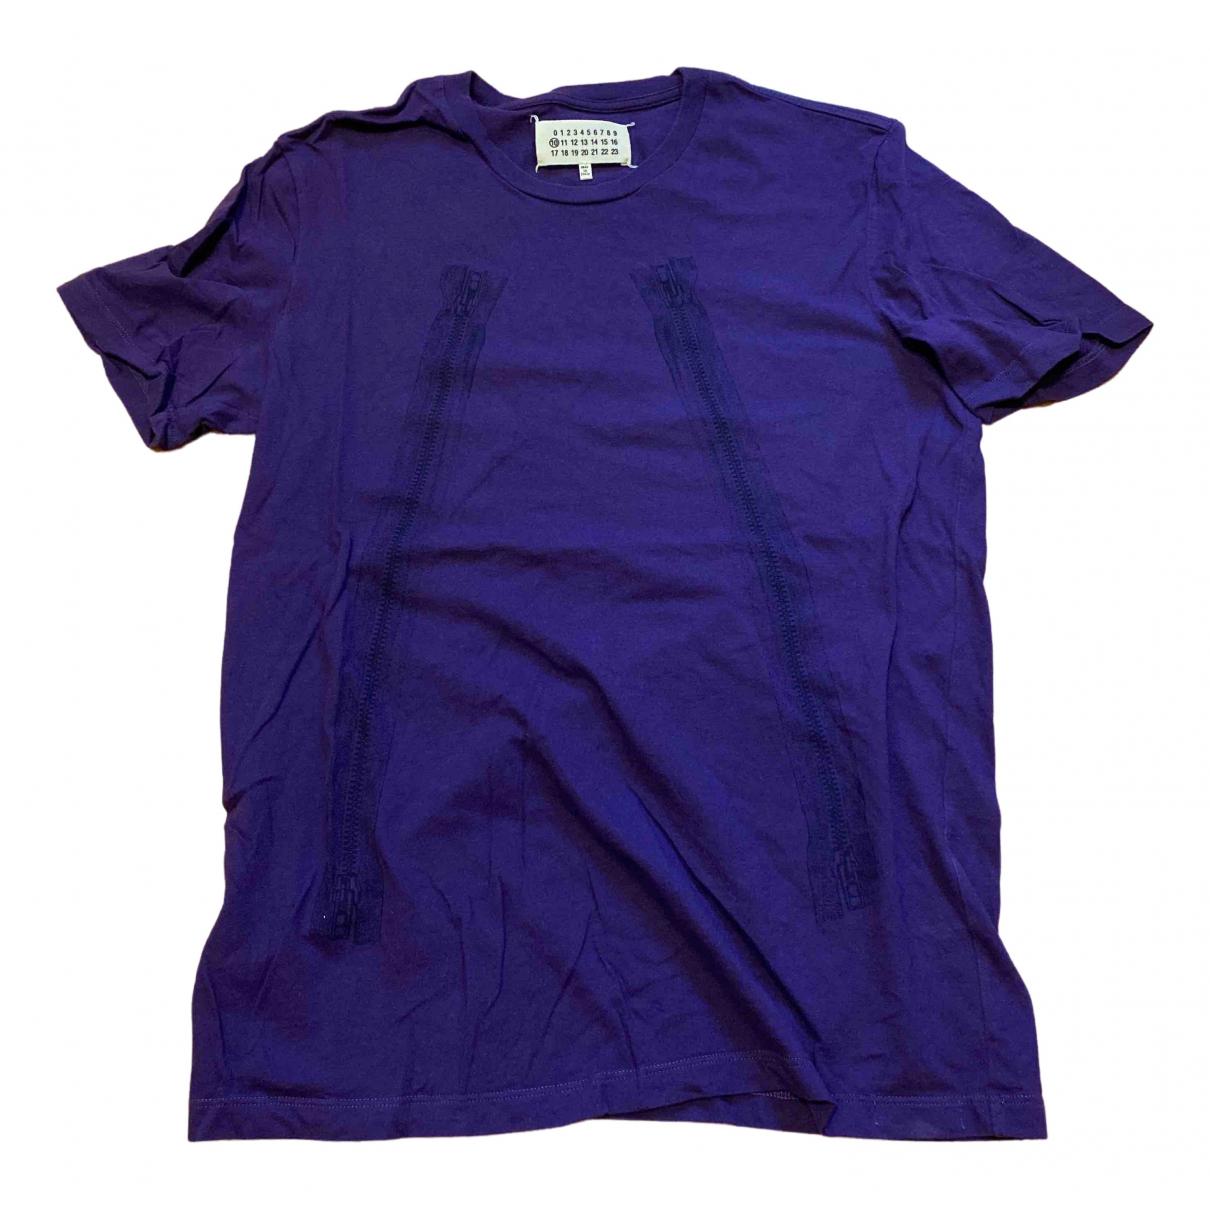 Maison Martin Margiela - Tee shirts   pour homme en coton - violet